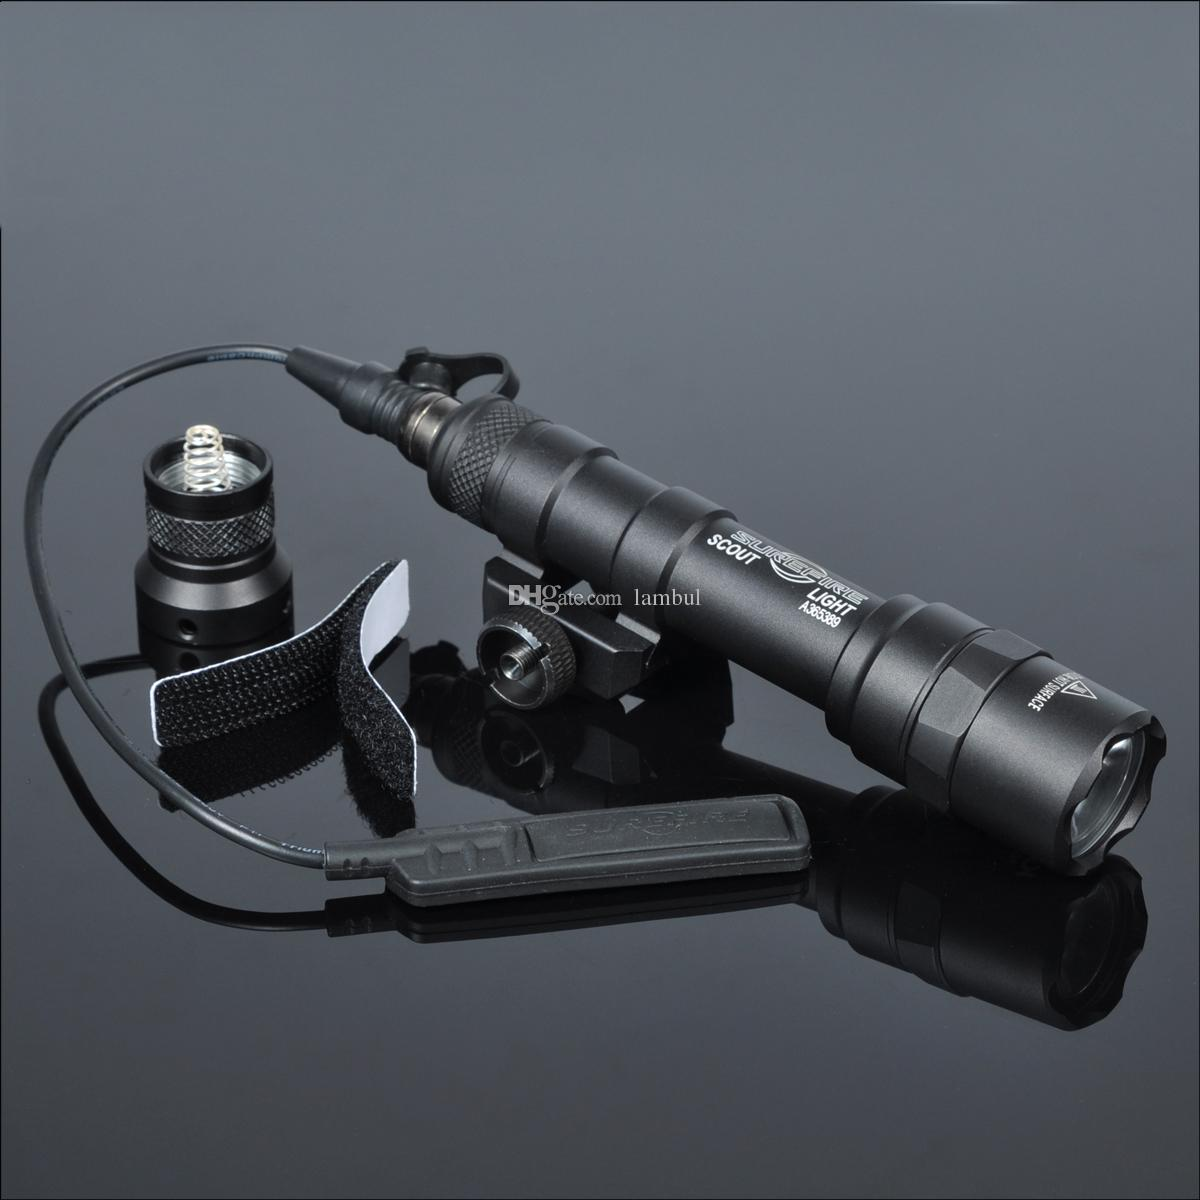 400 لومينز التكتيكي SF M600B الكشفية ضوء الفانوس الادسنس مضيا الصيد Keymod Picatinny السكك الحديدية جبل بندقية الضوء